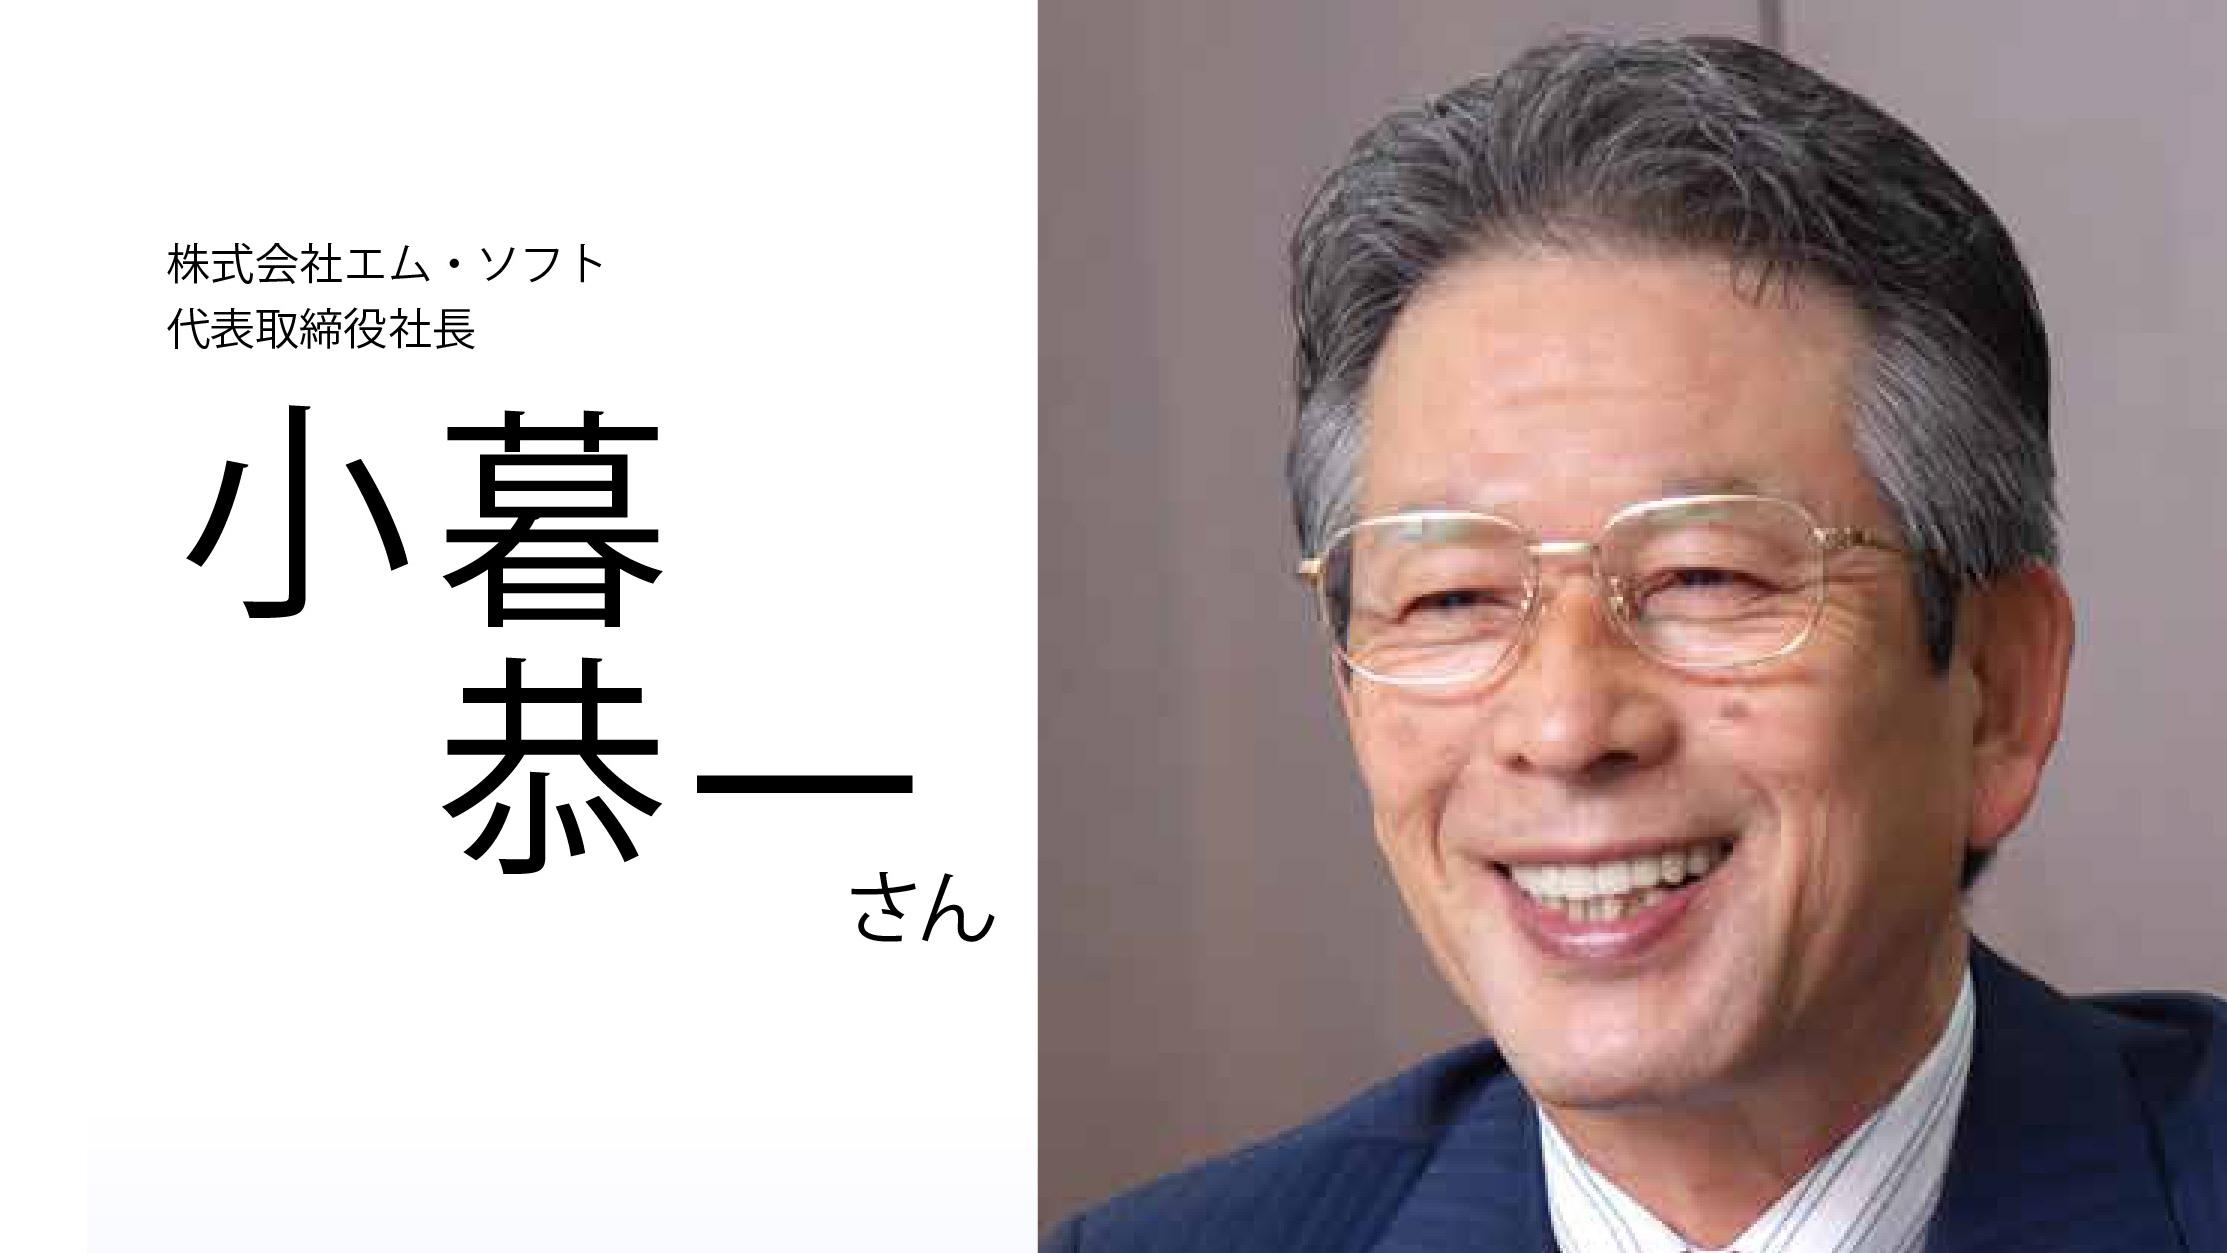 2014-03経営者130_エム・ソフト_小暮様②1